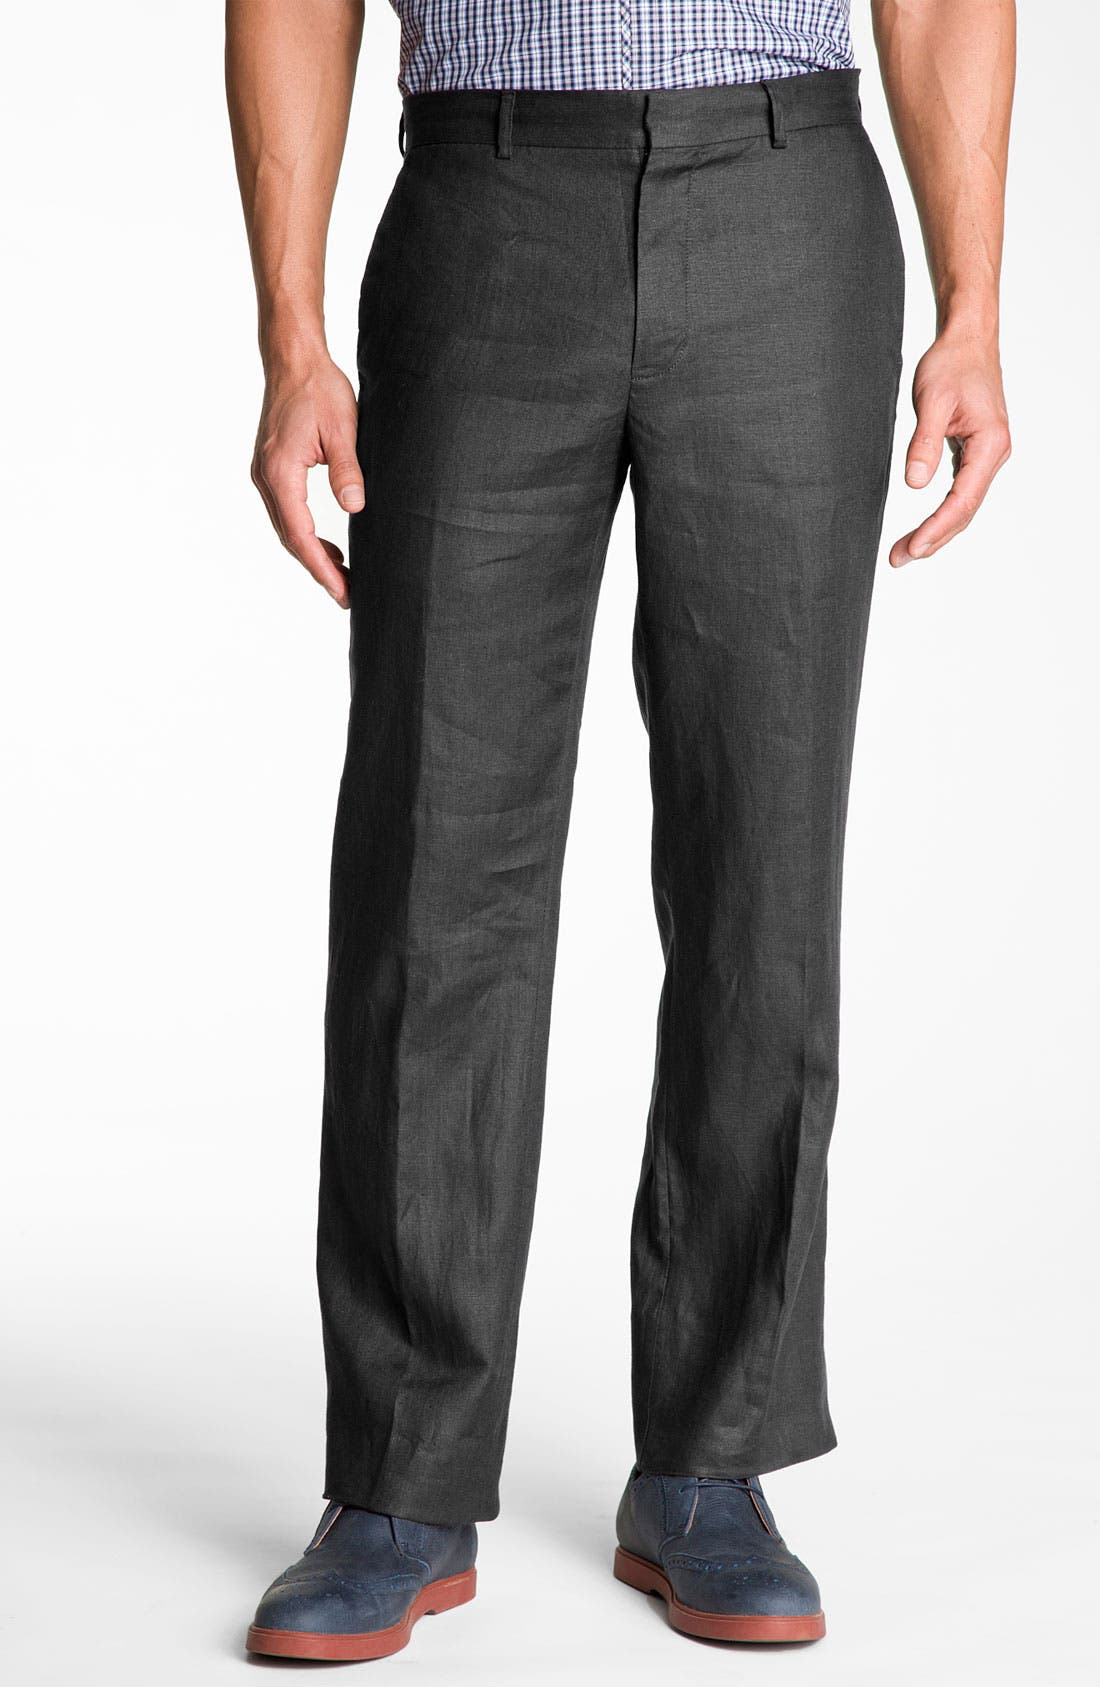 MICHAEL KORS 'Classic' Linen Pants, Main, color, 024